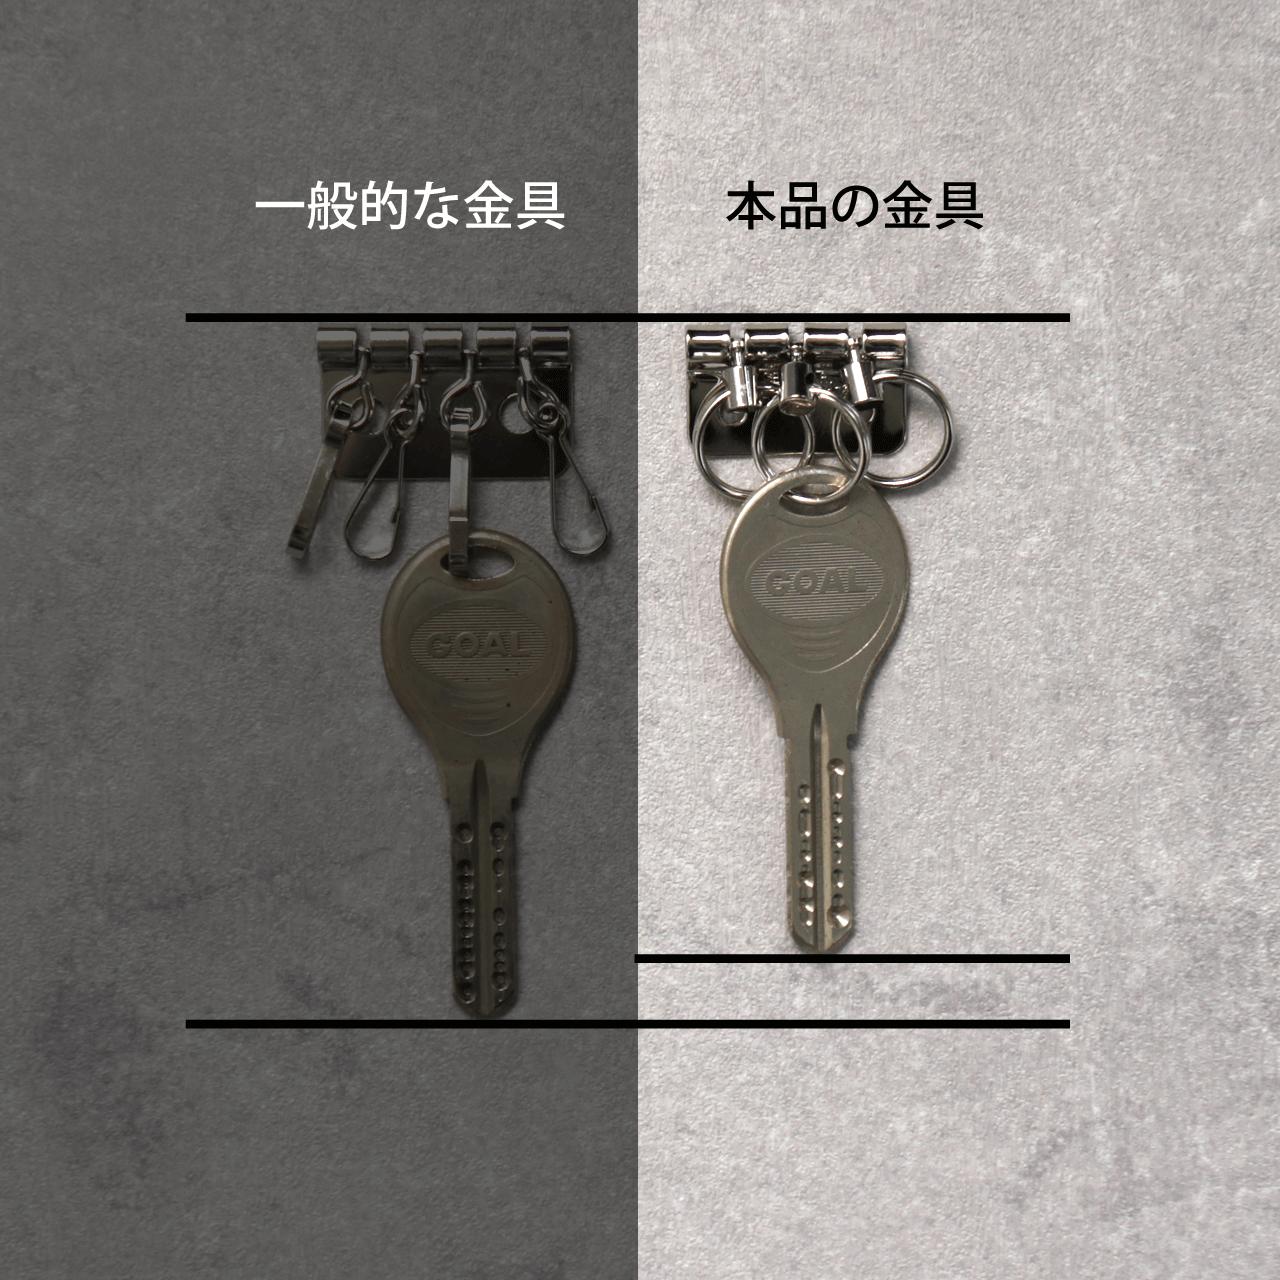 ギリギリぴったり鍵が入るコンパクトキーケース(本革)★ステッチ選べる★イエロー